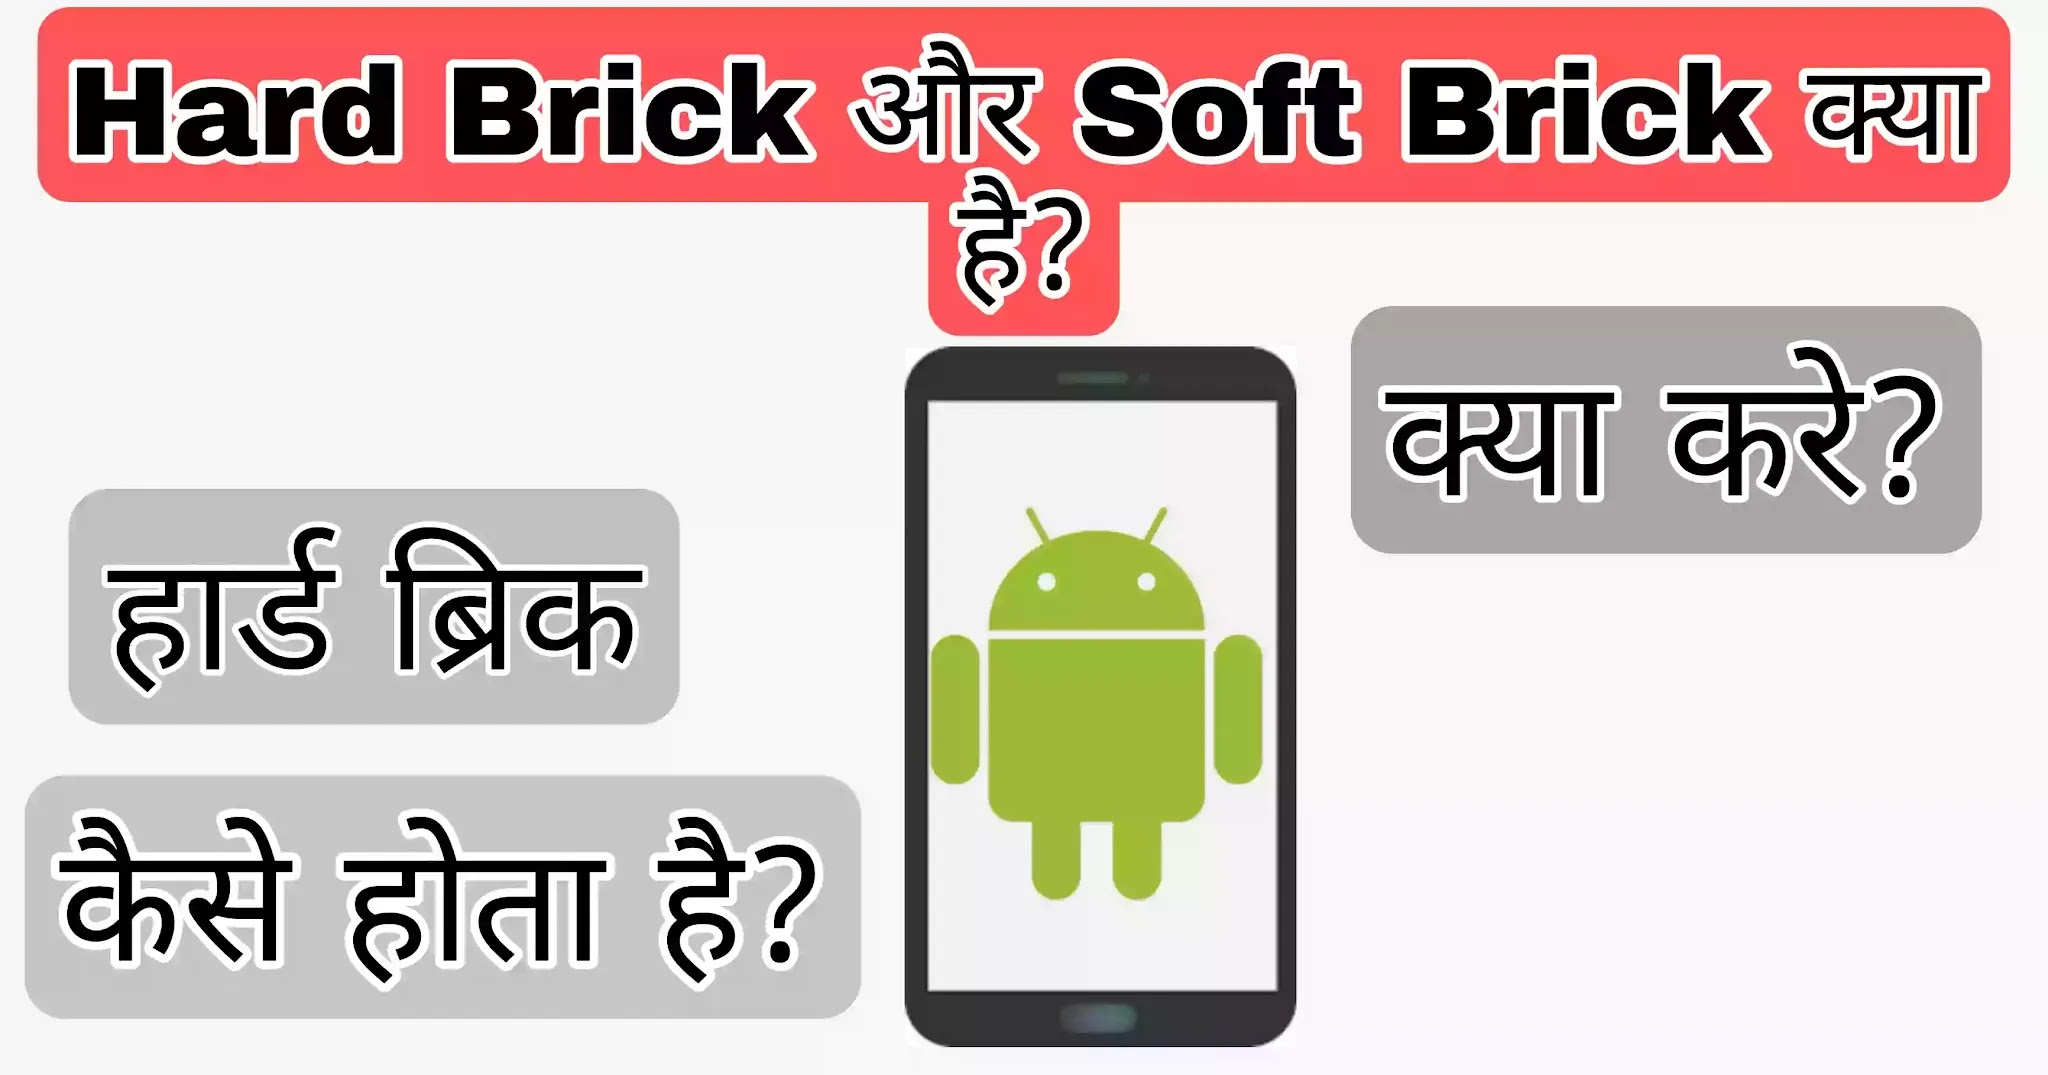 Hard-Brick-aur-Soft-Brick-kya-hai